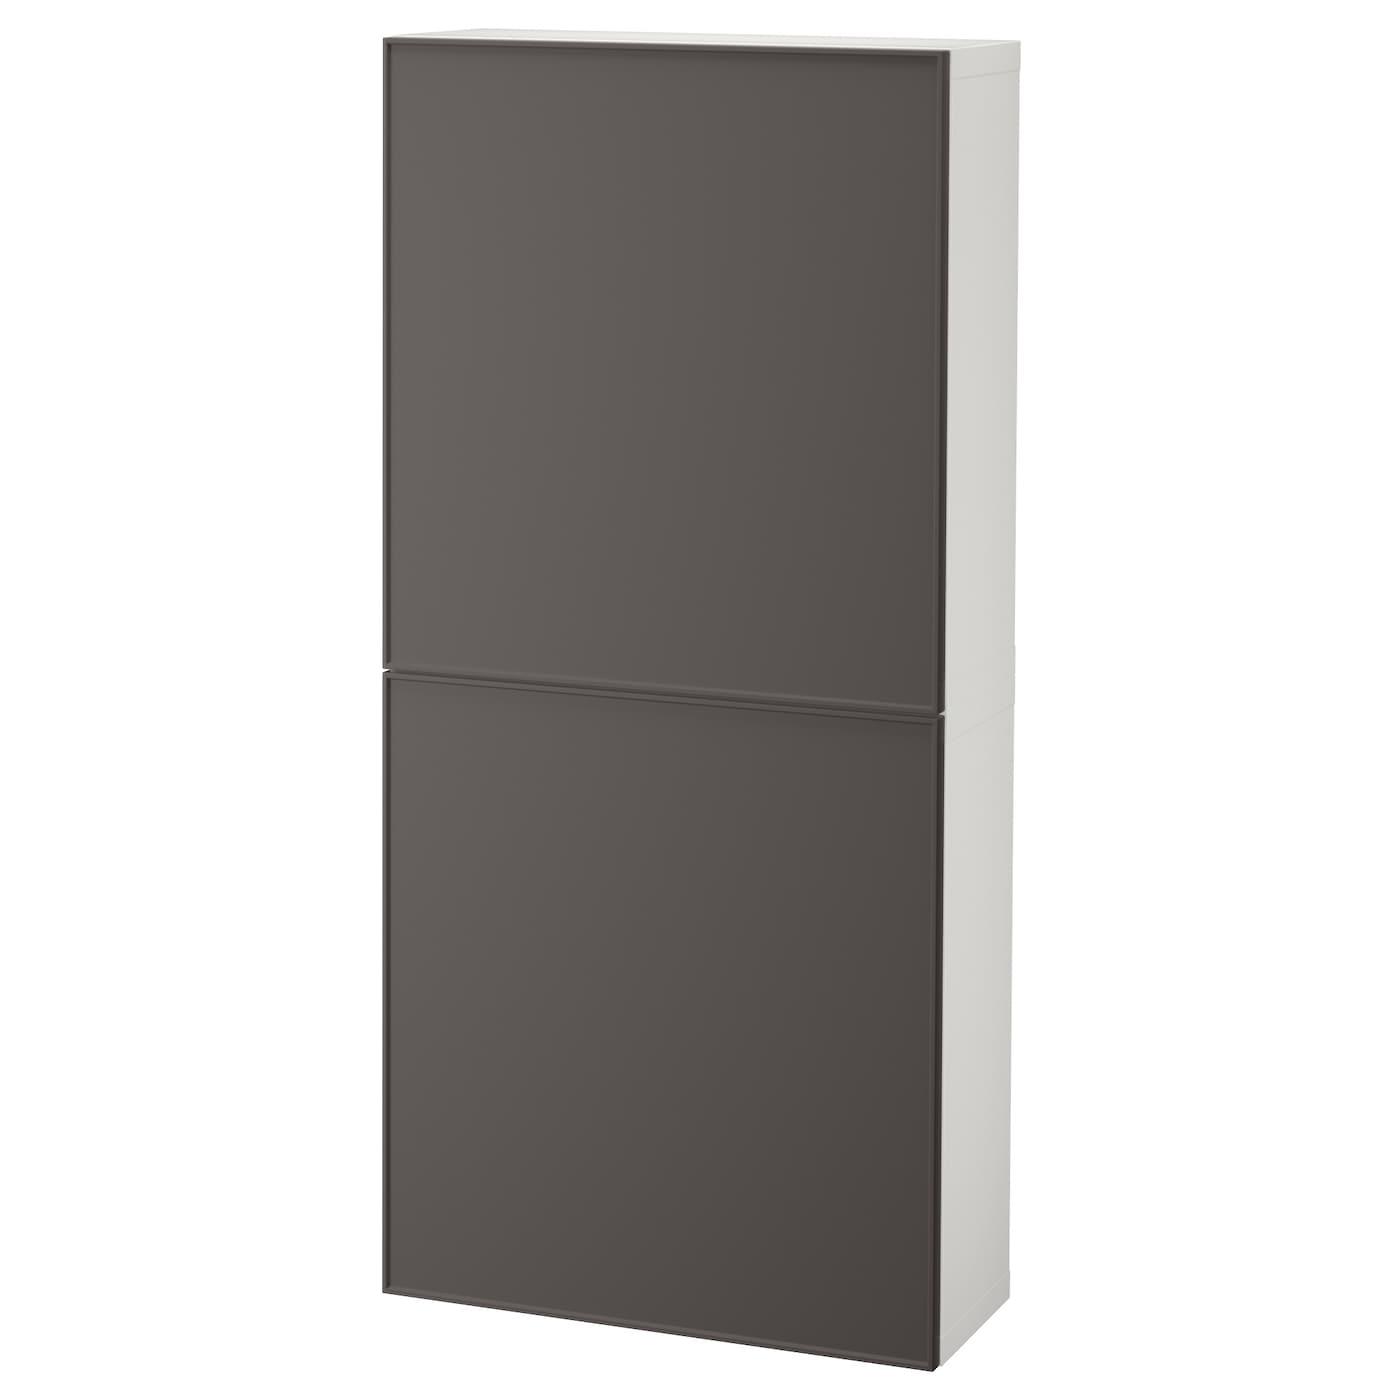 BESTÅ, Wandschrank mit 2 Türen, weiß 092.034.37